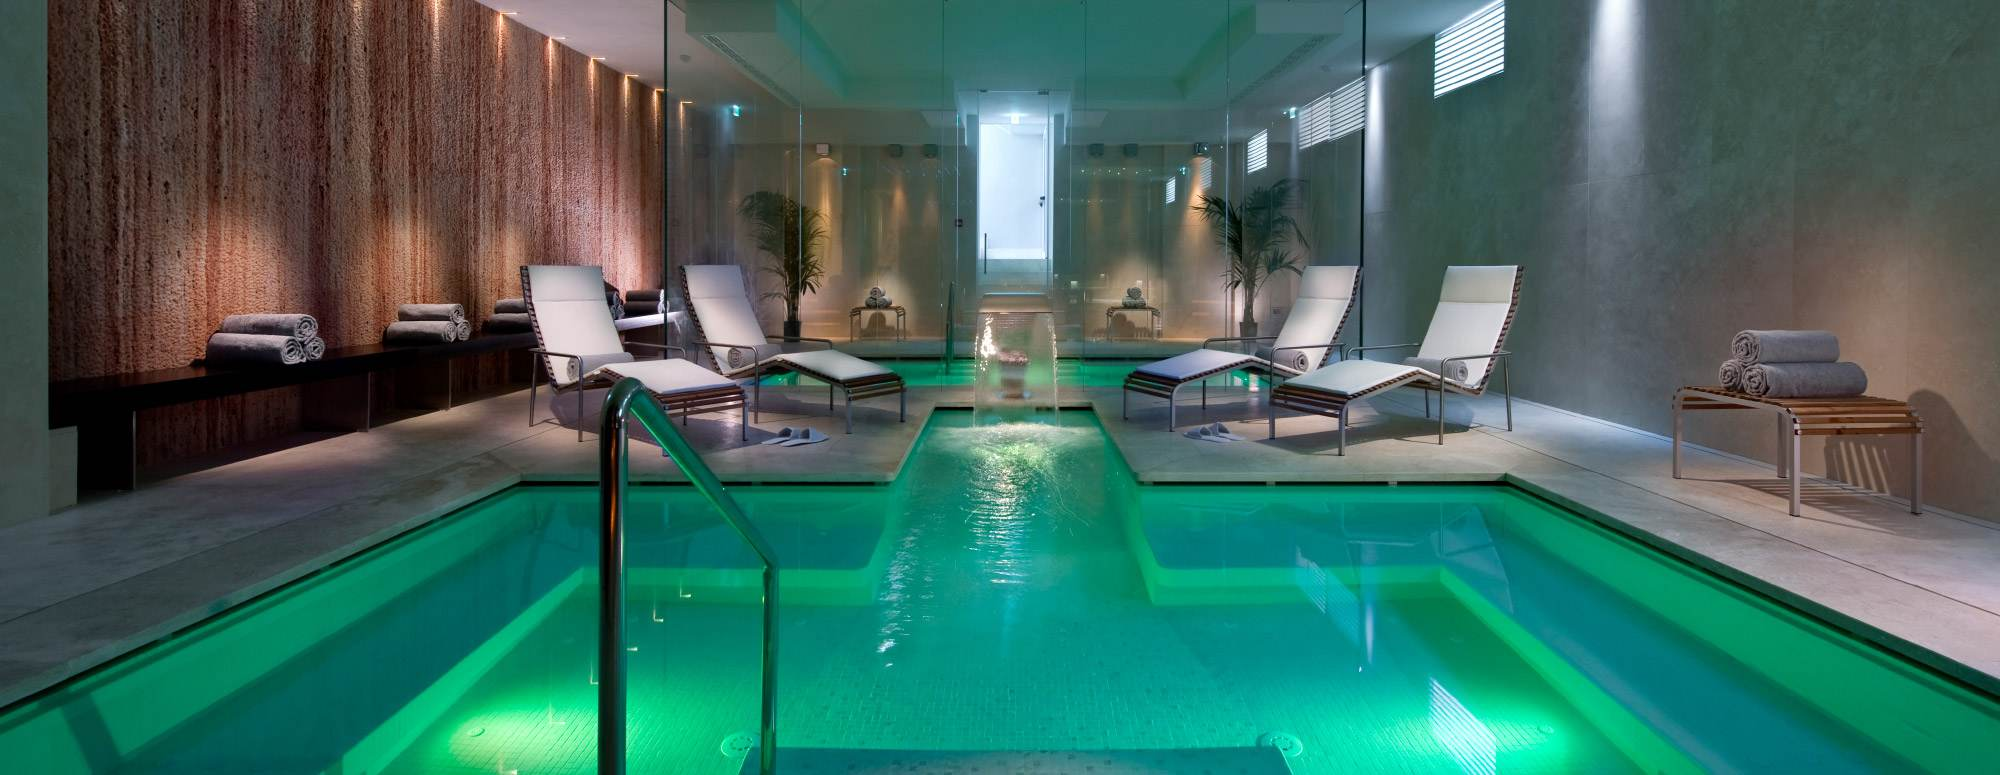 Hotel riccione 5 stelle centro benessere spa massaggi for Hotel ortigia con spa